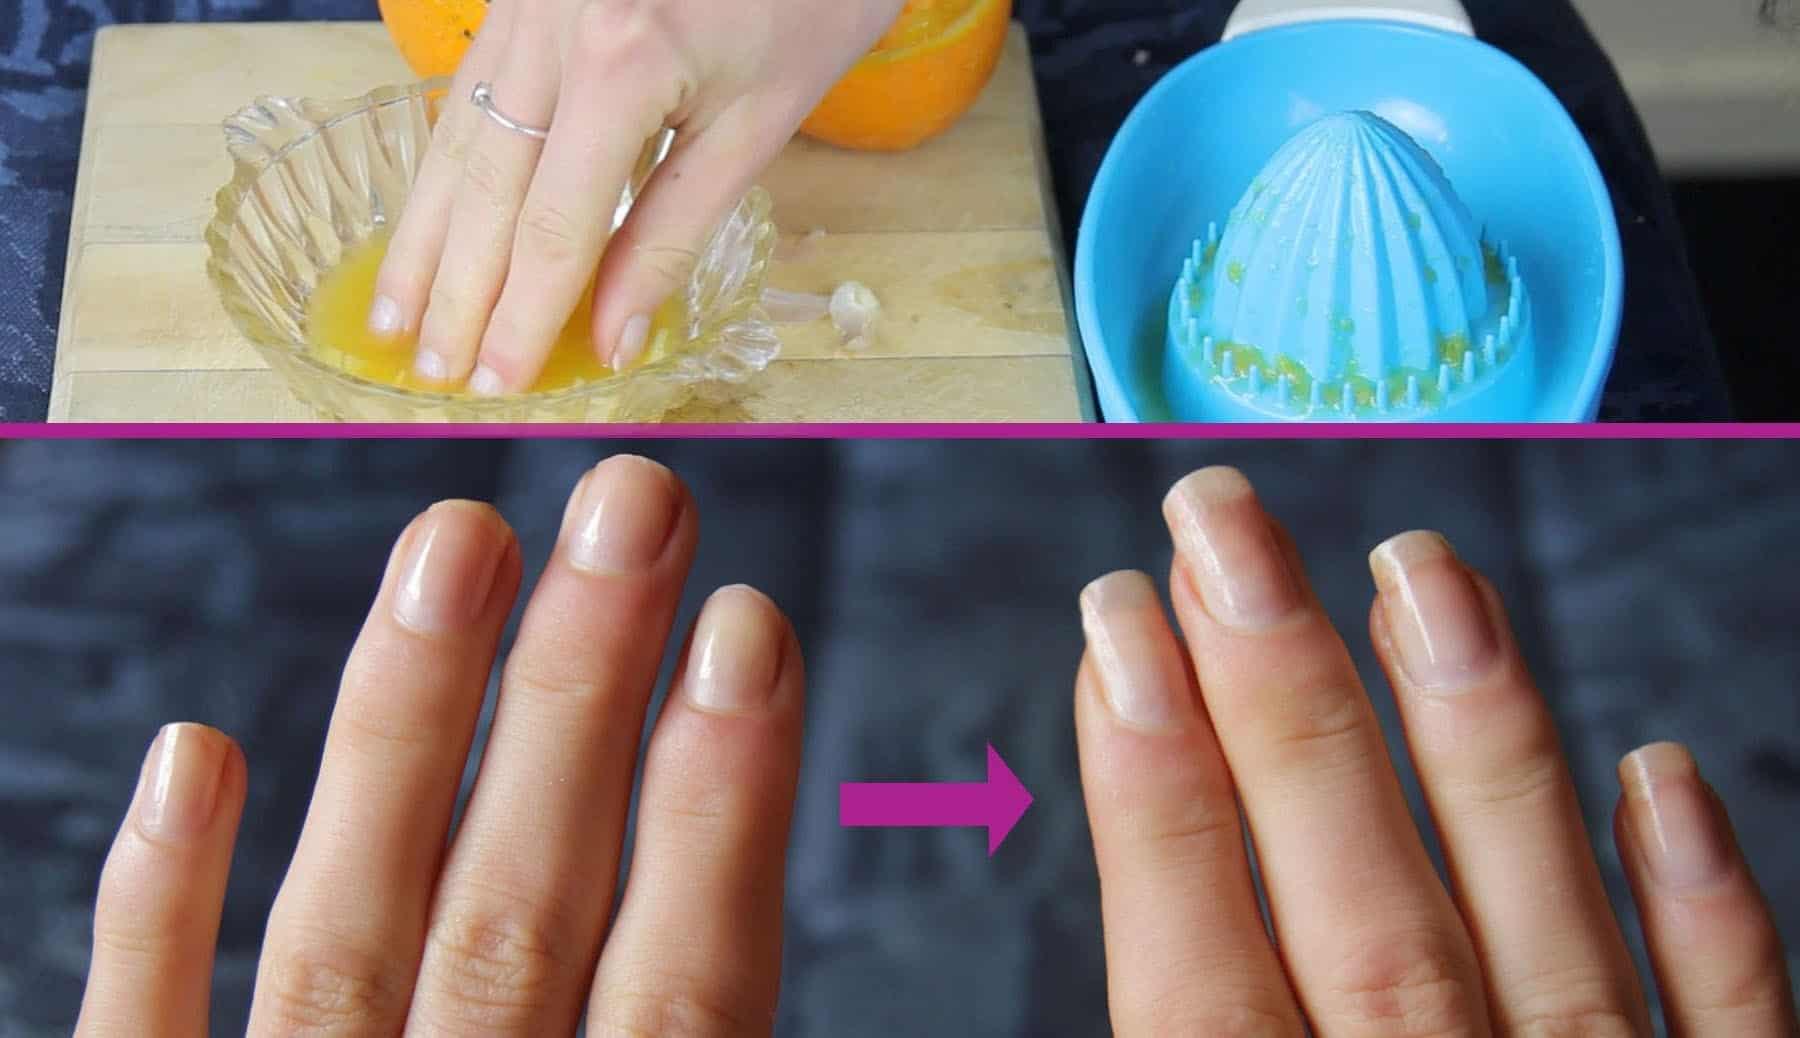 DIY nail growth recipe